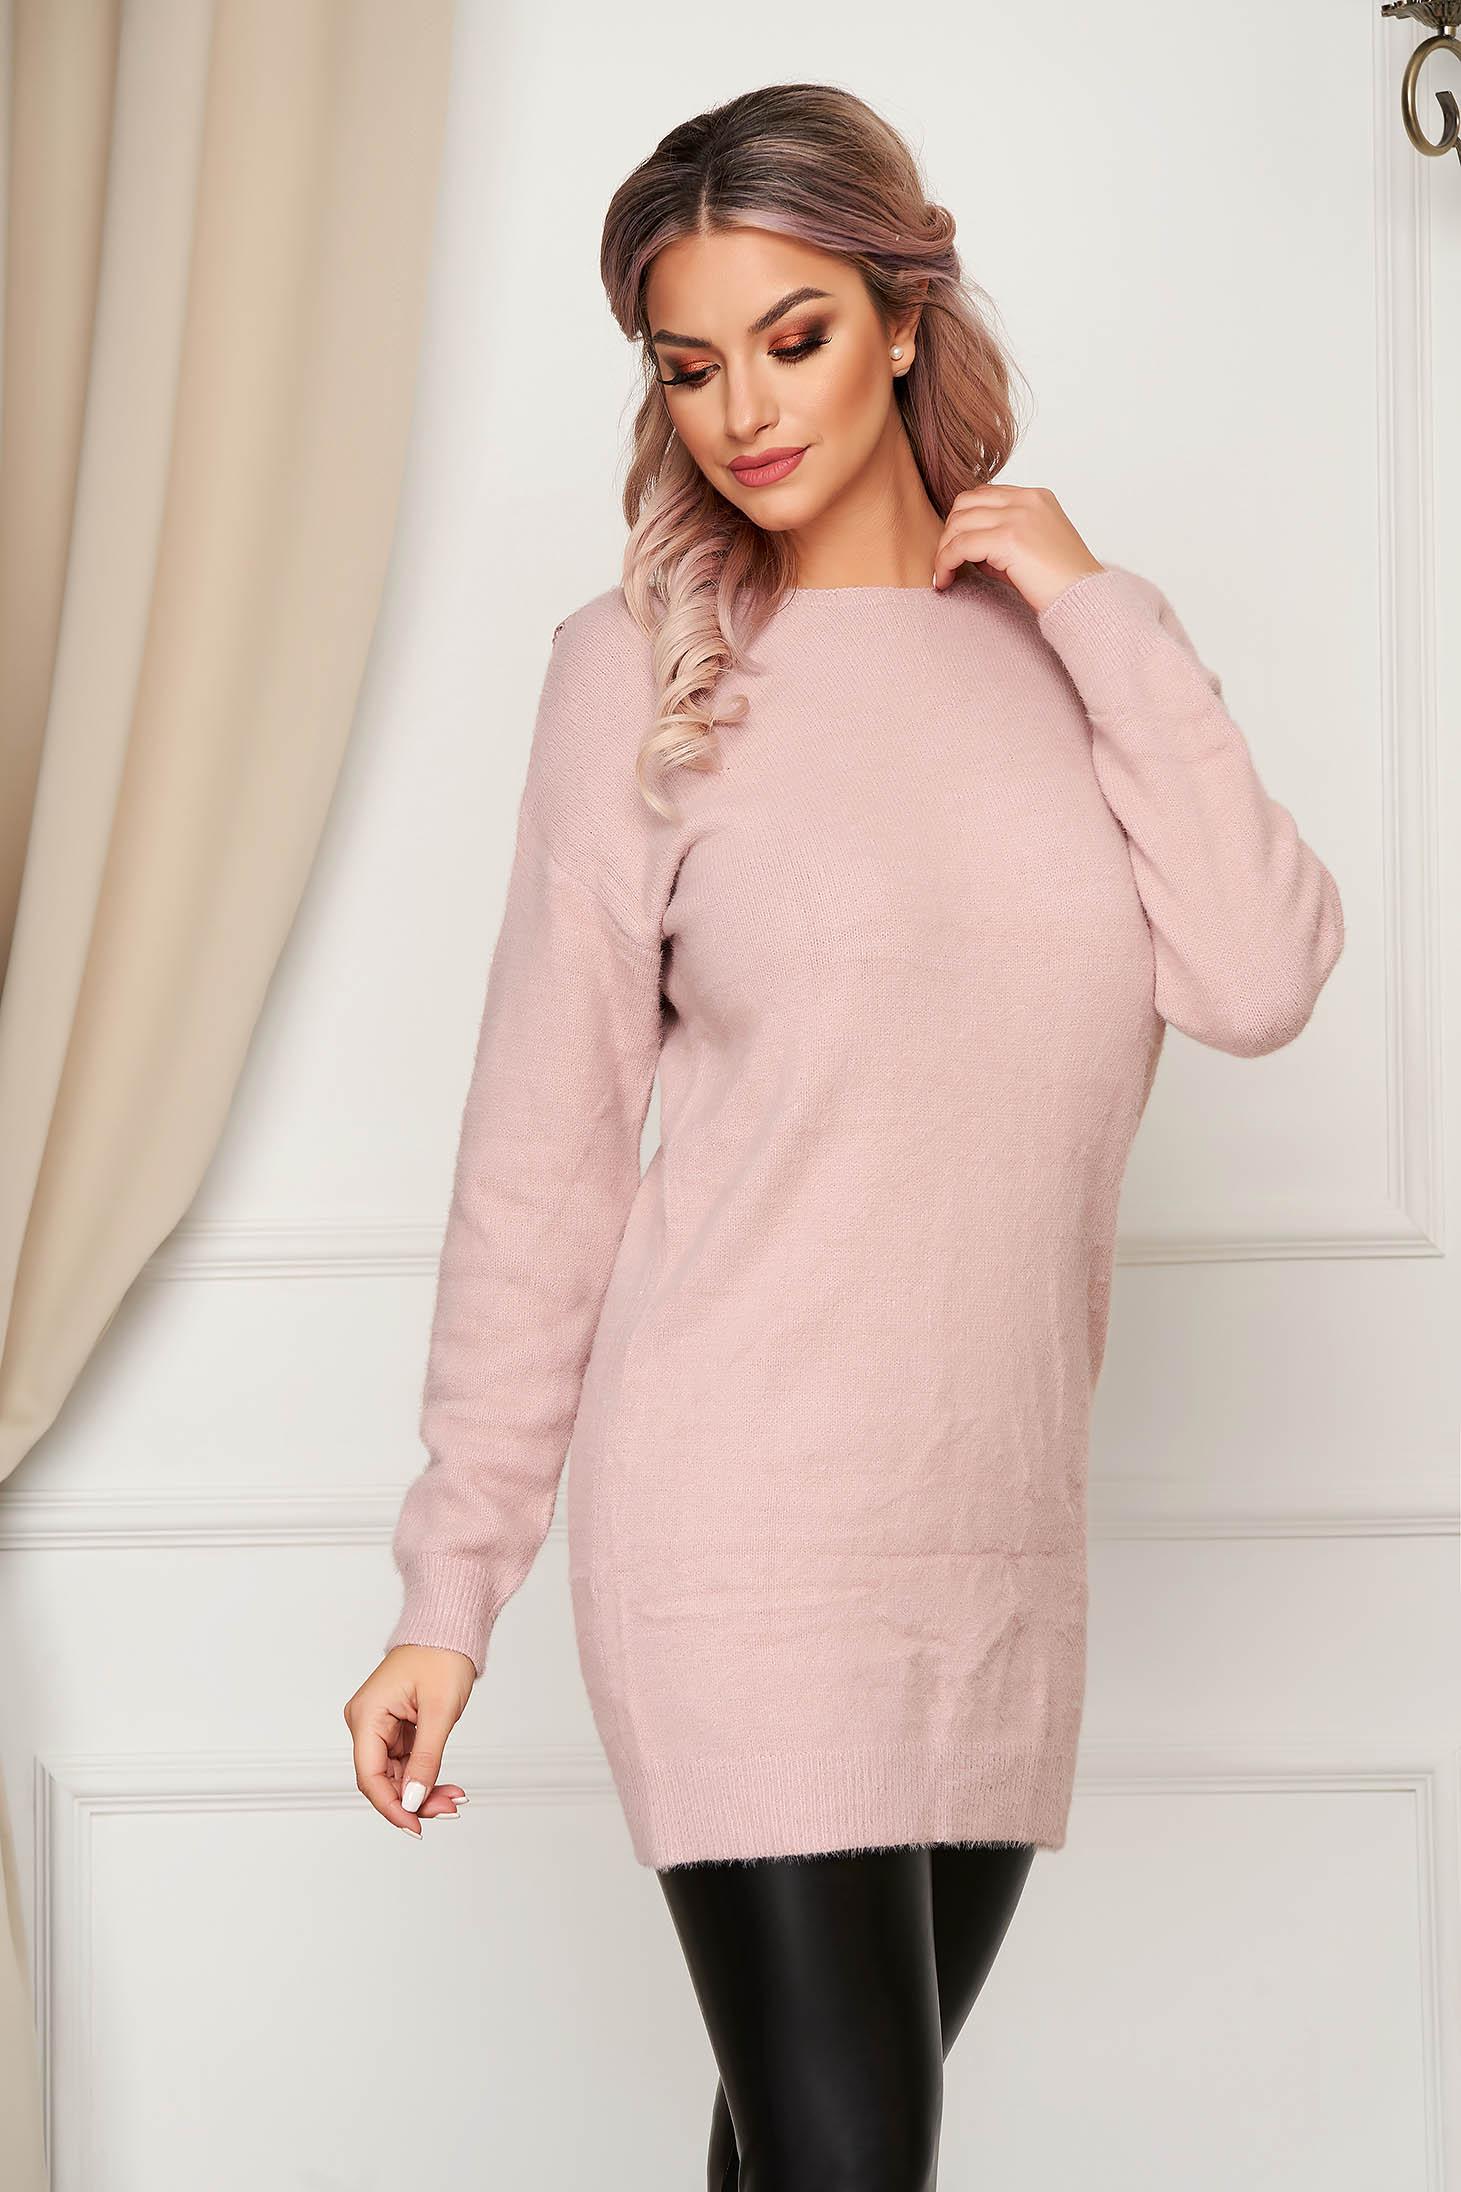 Pulover SunShine roz cu croi larg cu decolteu in v cu aplicatii de dantela din material tricotat